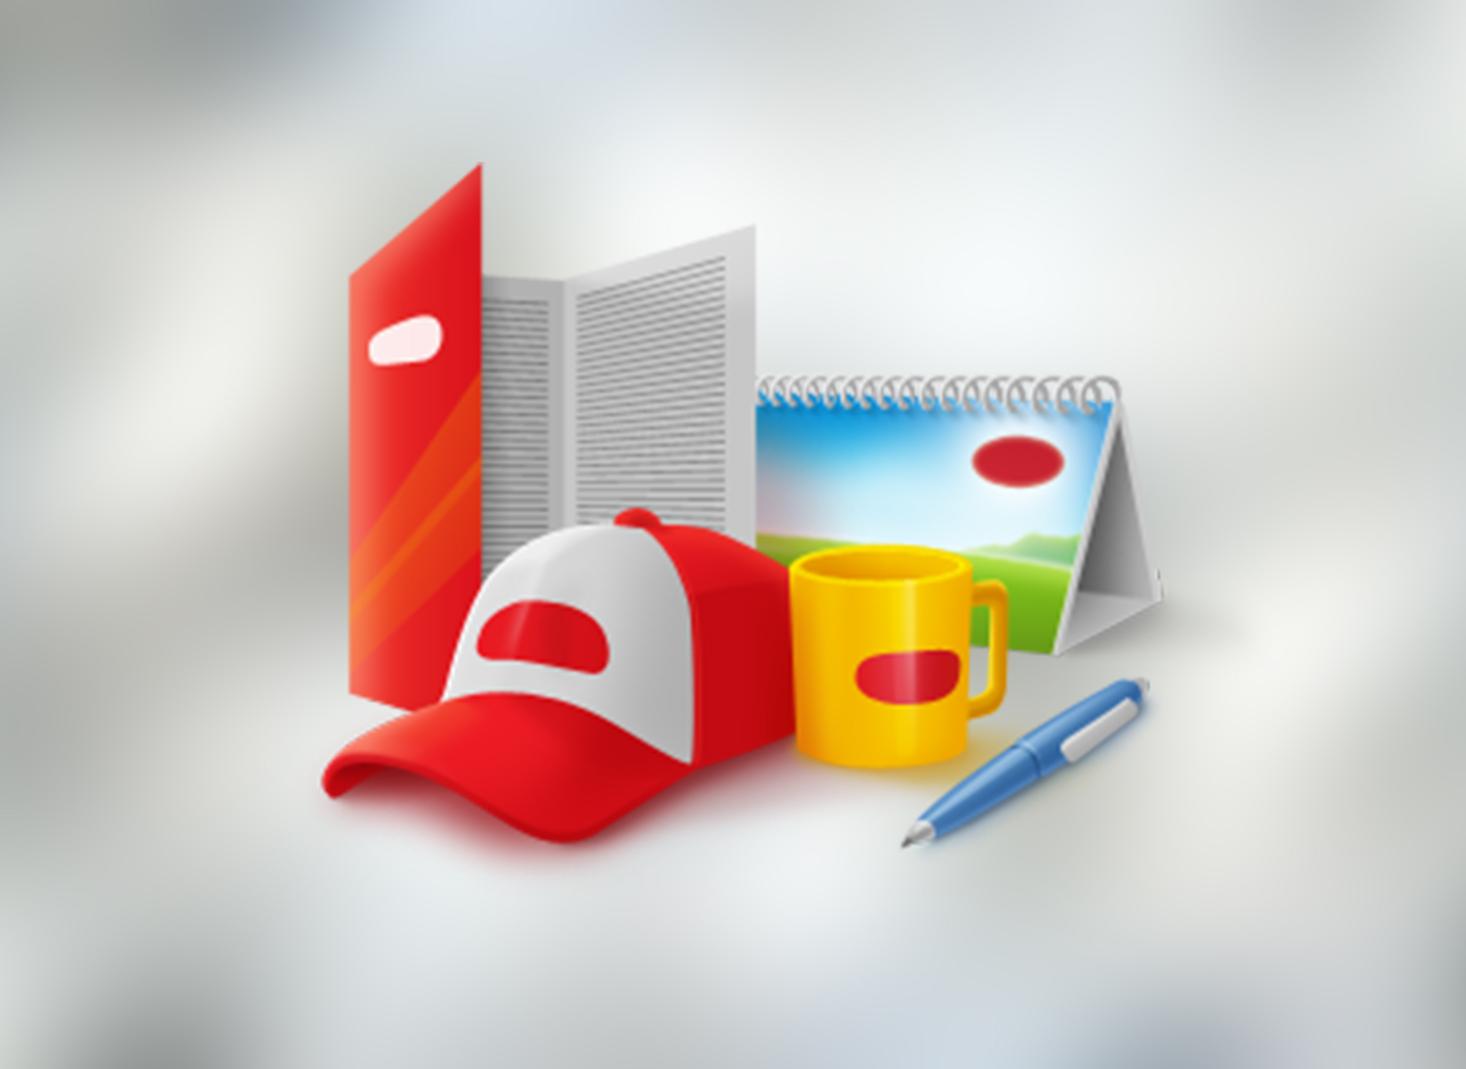 Что может стать сувенирной продукцией для нанесения логотипа?